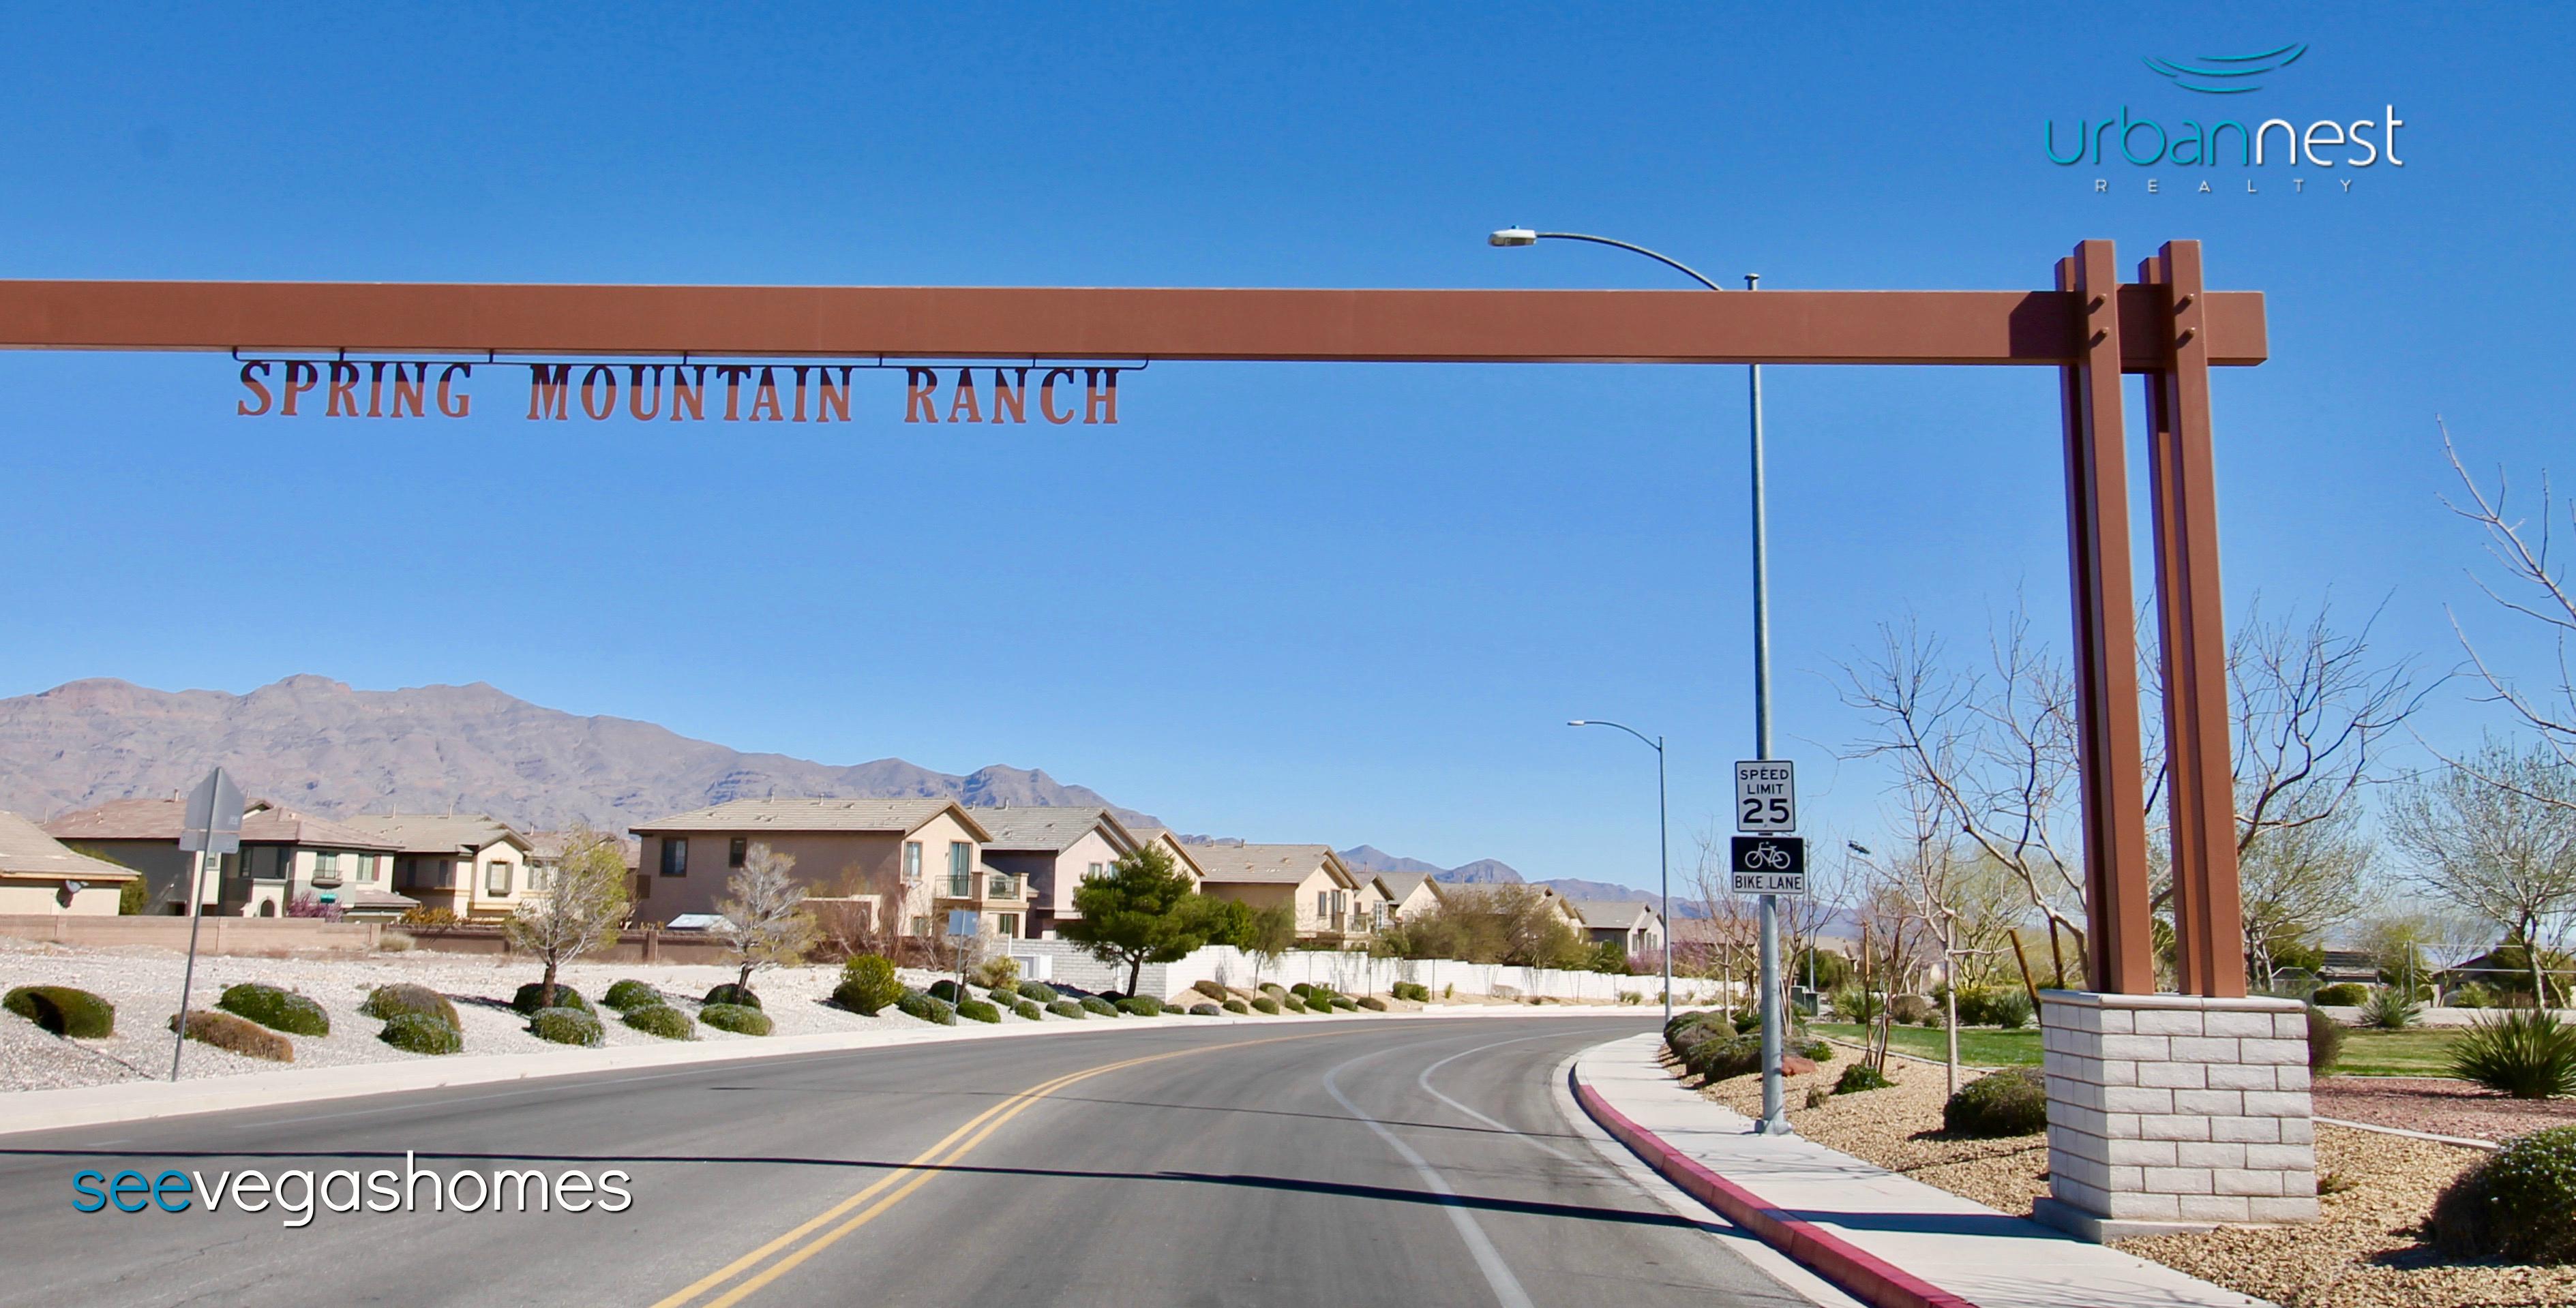 Spring Mountain Ranch Las Vegas NV 89143 SeeVegasHomes